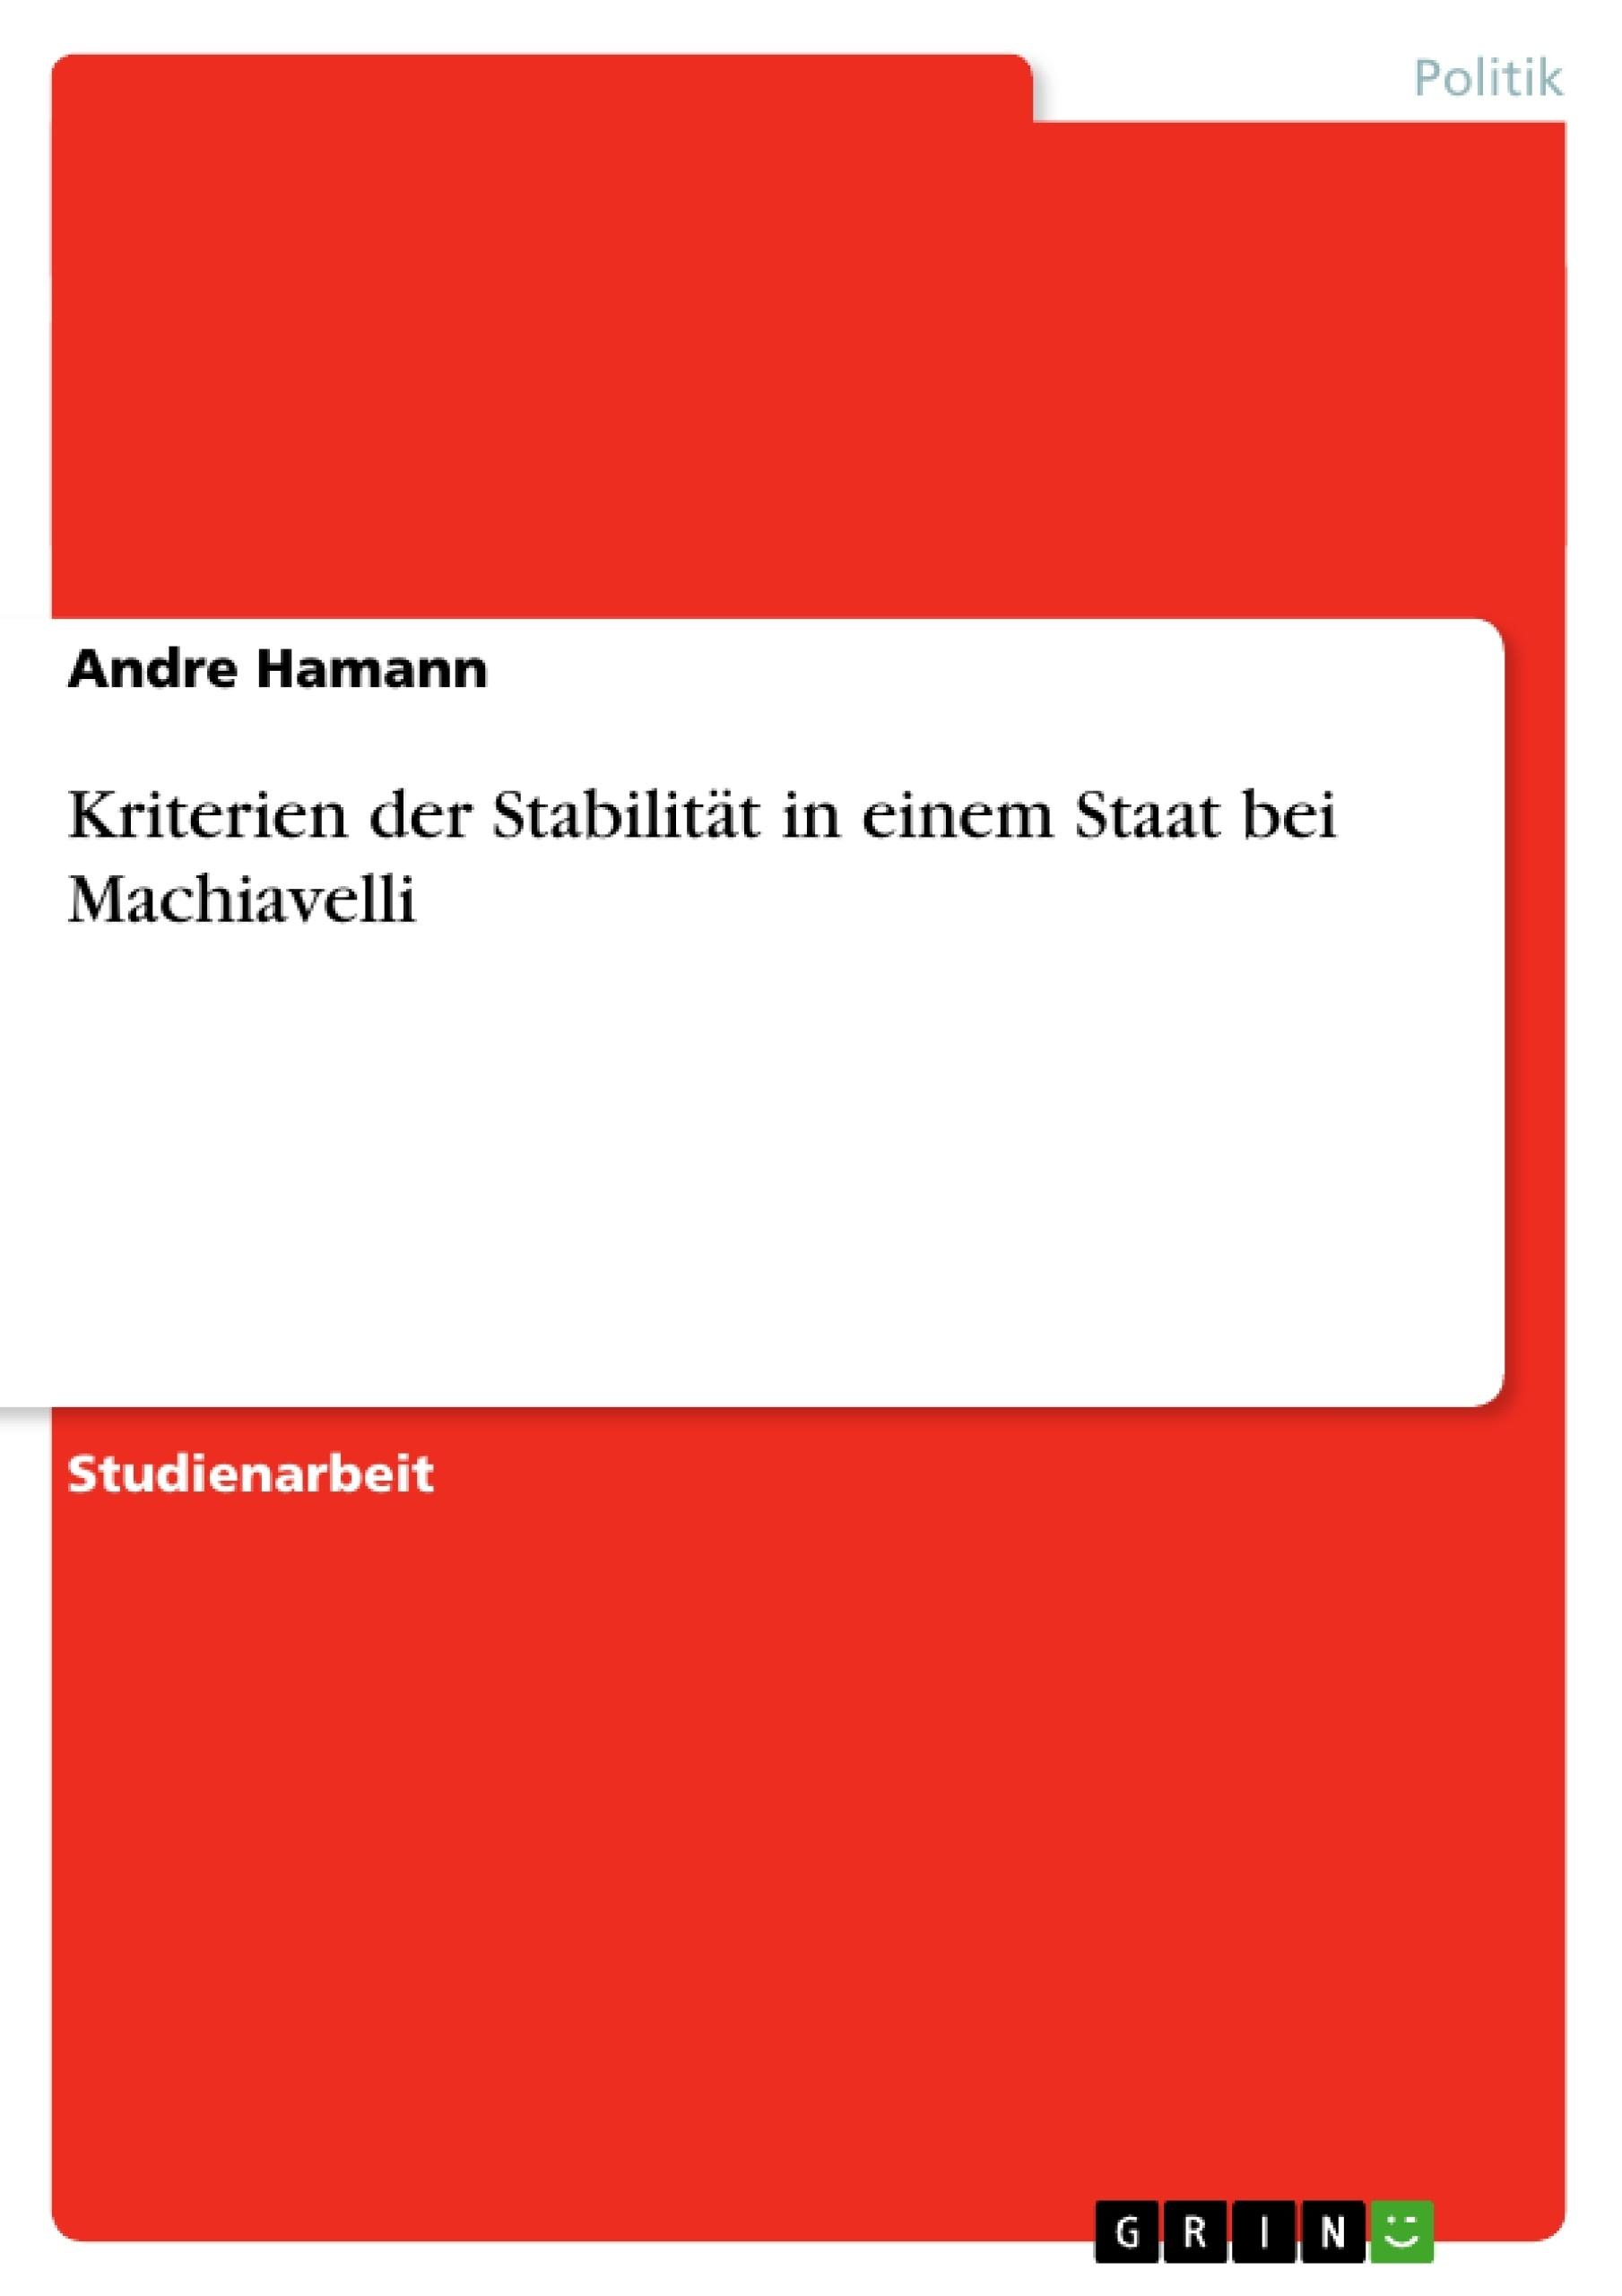 Titel: Kriterien der Stabilität in einem Staat bei Machiavelli